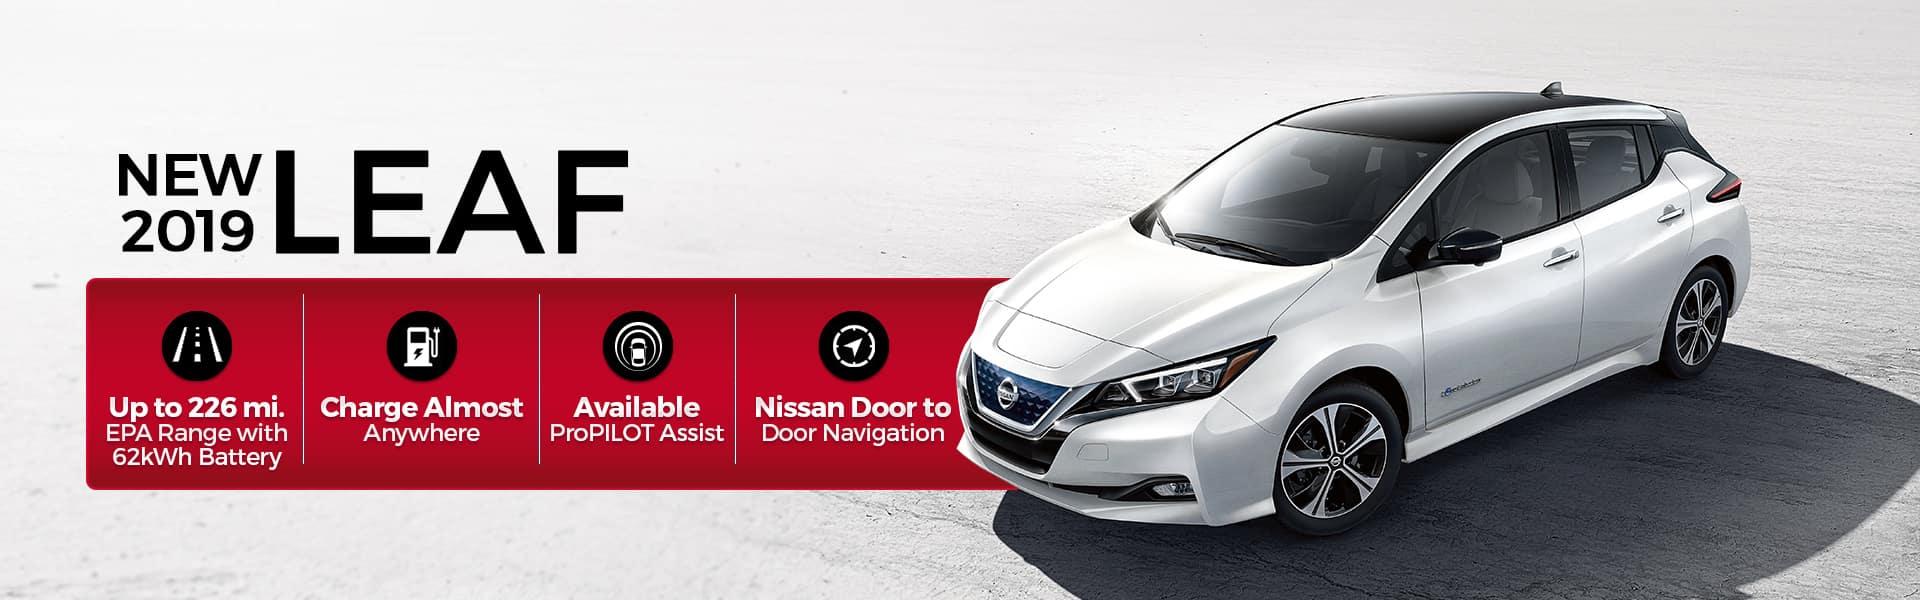 2019 Nissan LEAF Eden Prairie MN